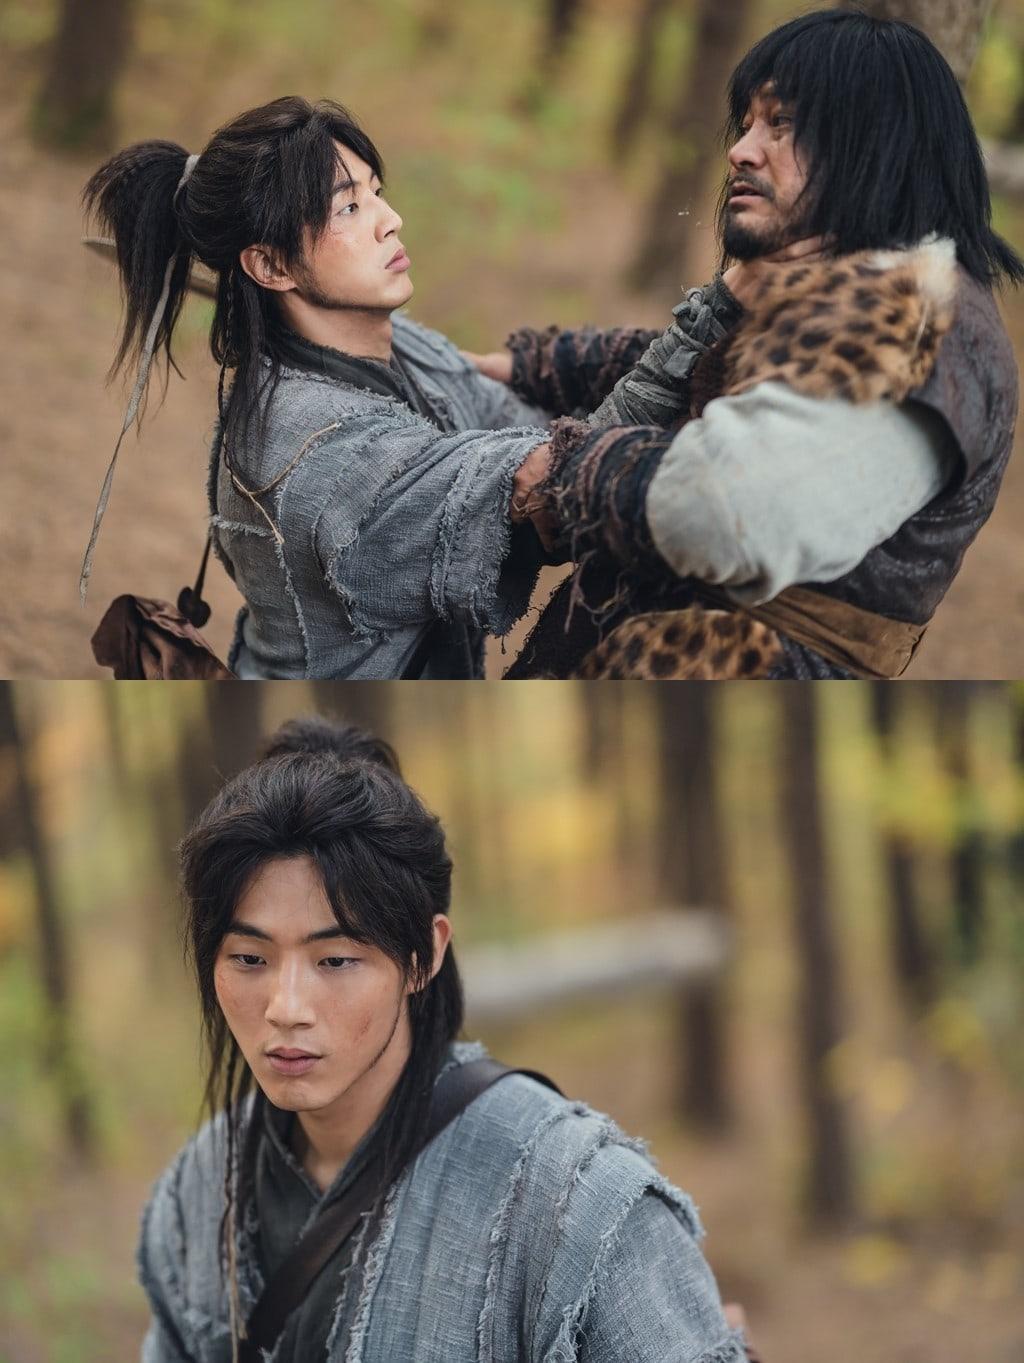 Actor Ji Soo as On Dal